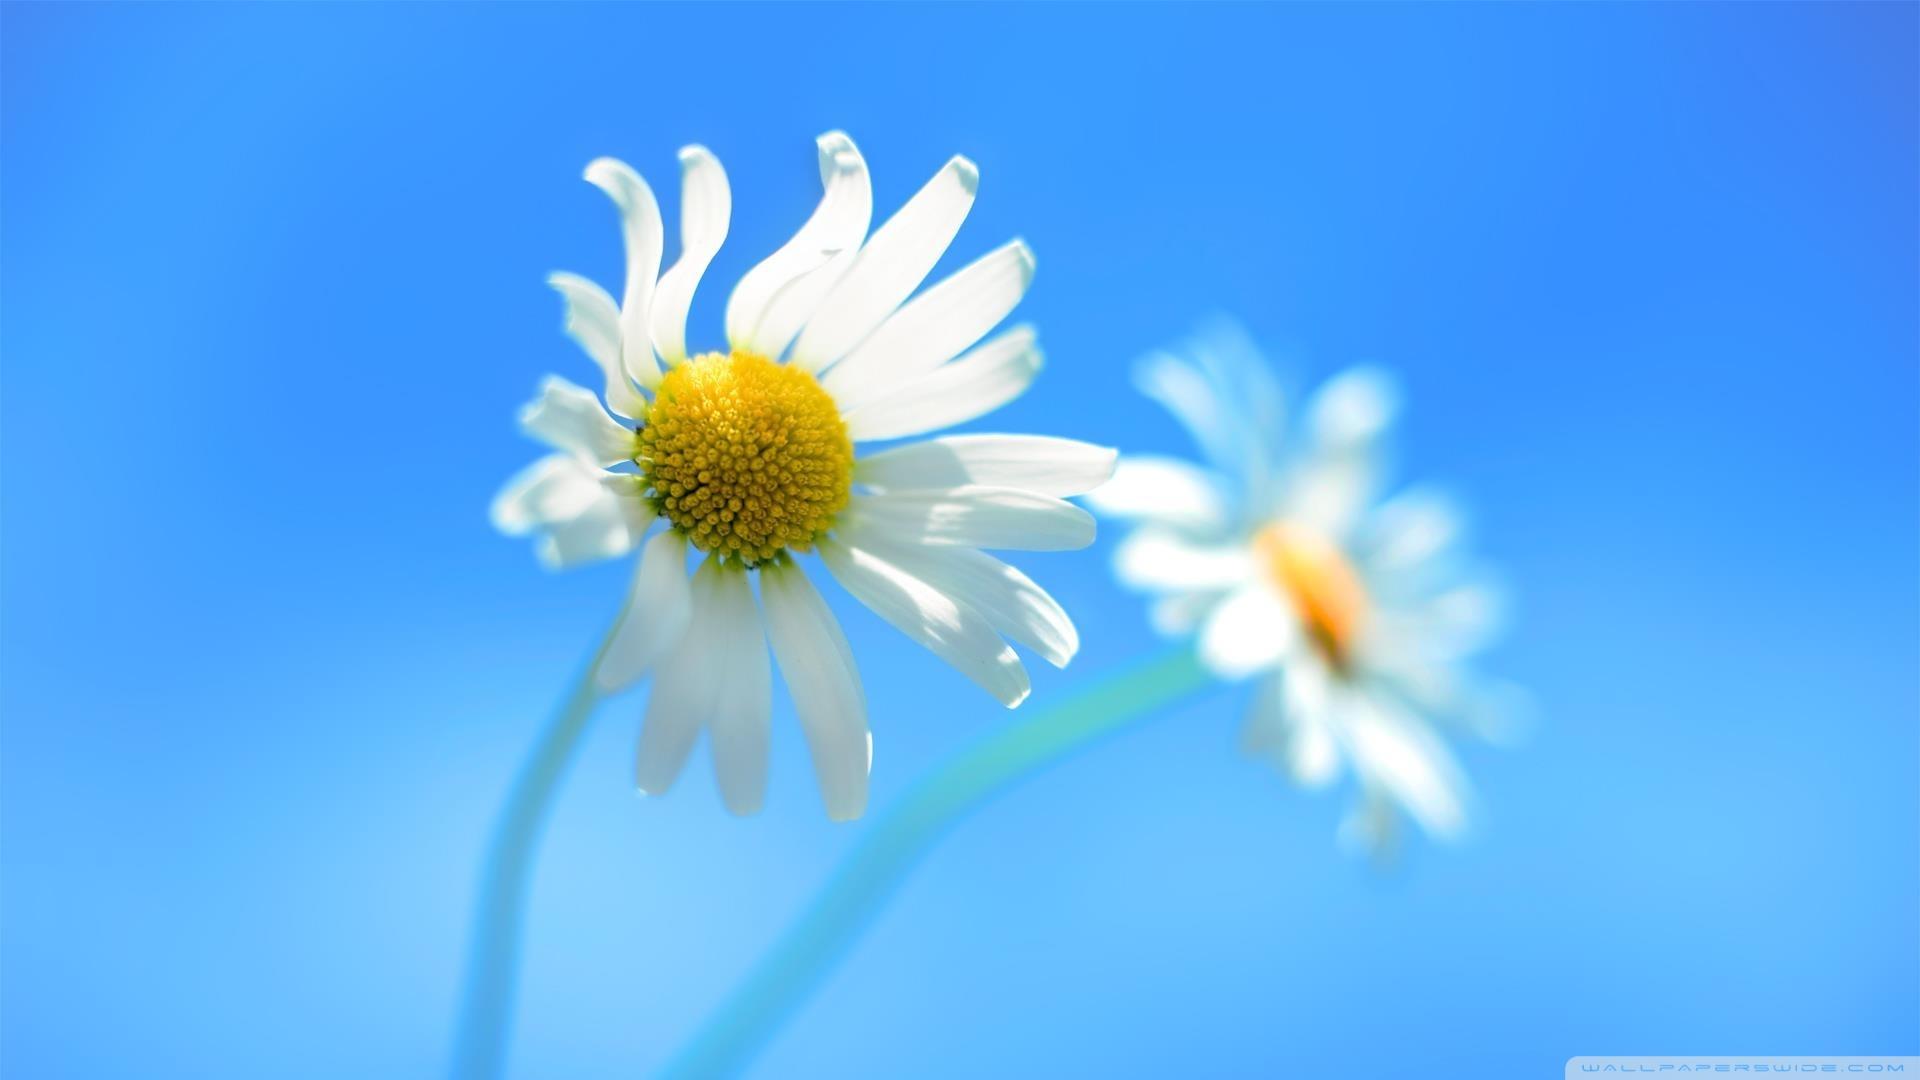 Скачать бесплатно обои на рабочий стол цветы полевые